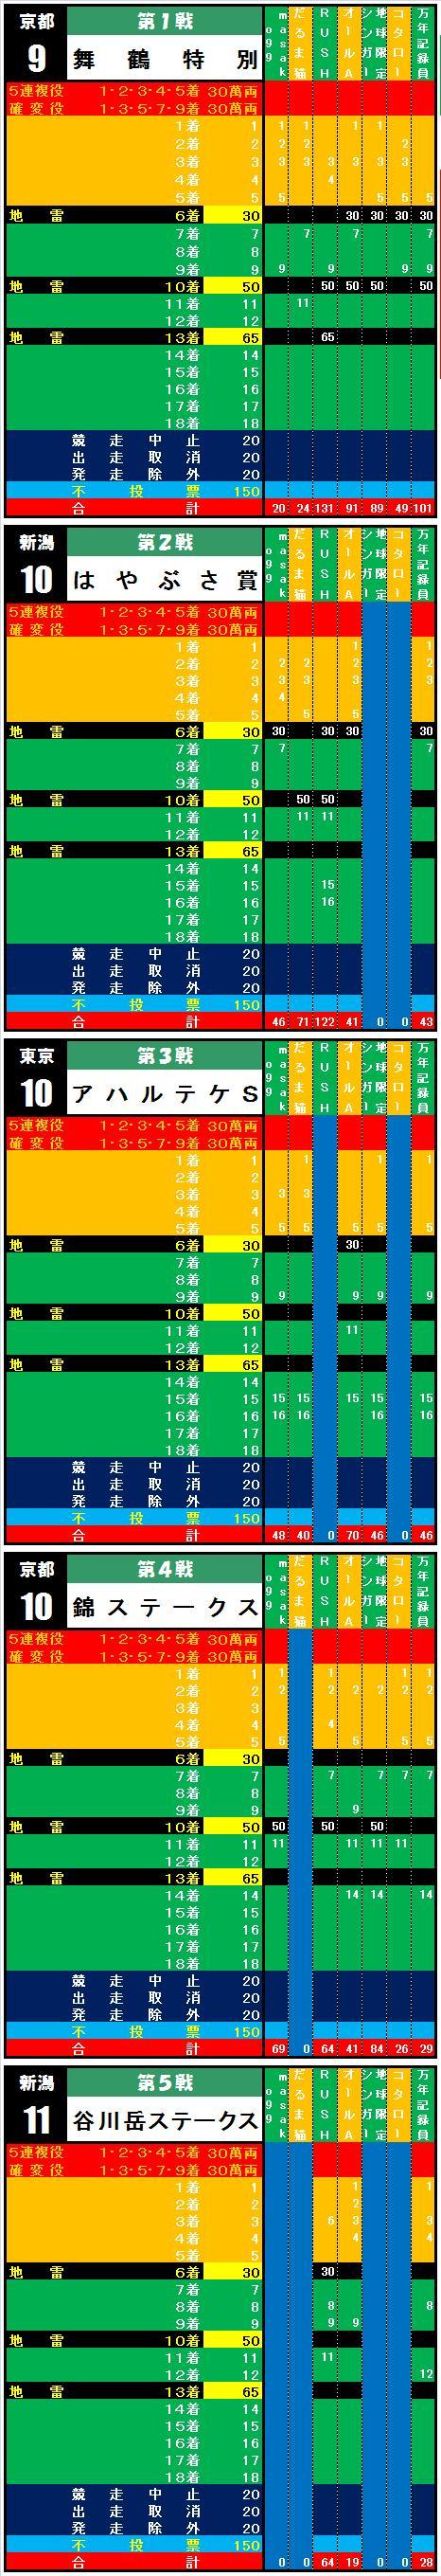 20110504・PICK5明細①.jpg